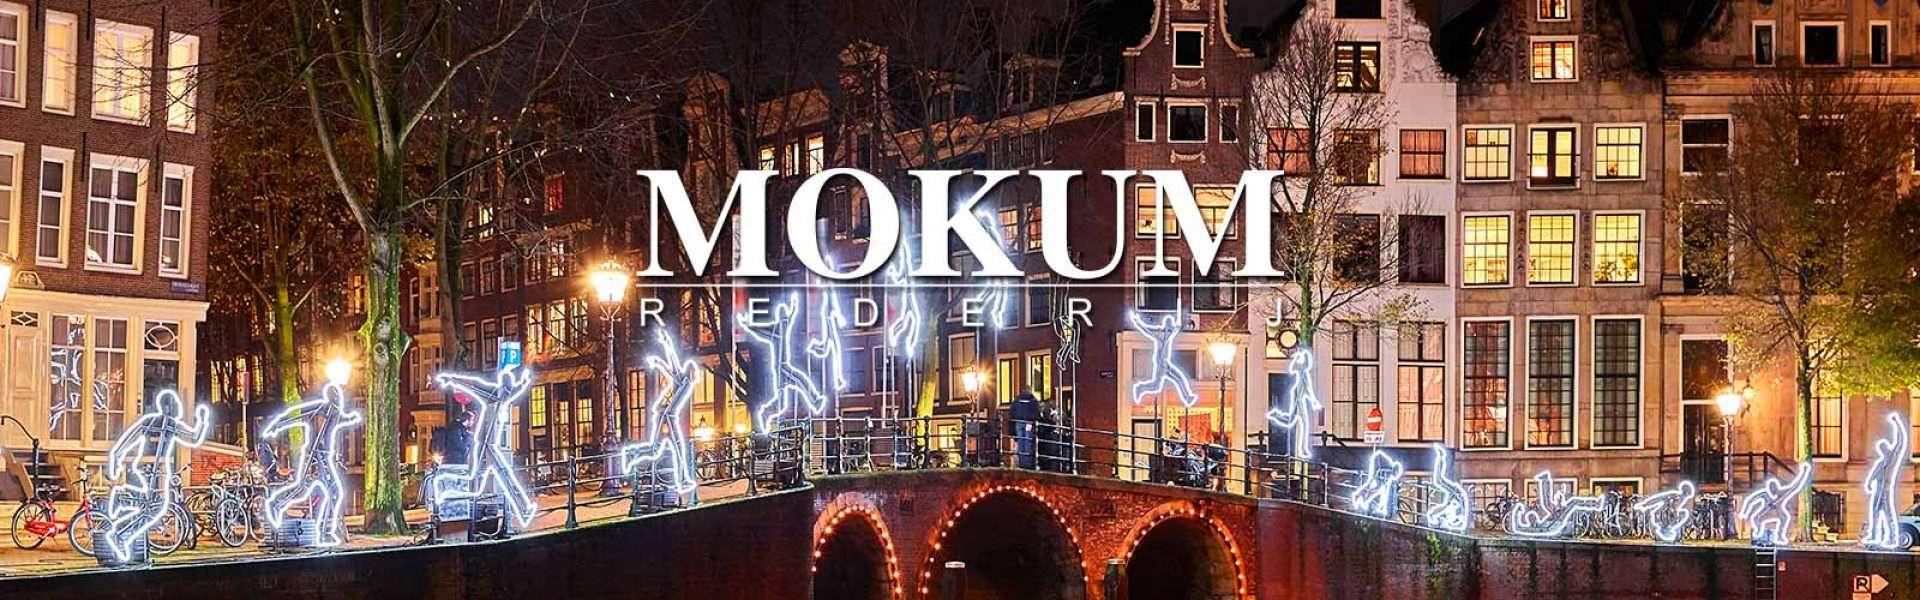 Specials bij Rederij Mokum | Vrijgezellenfeest | Trouwen in de Amsterdamse grachten | Wijnproeverij op het water